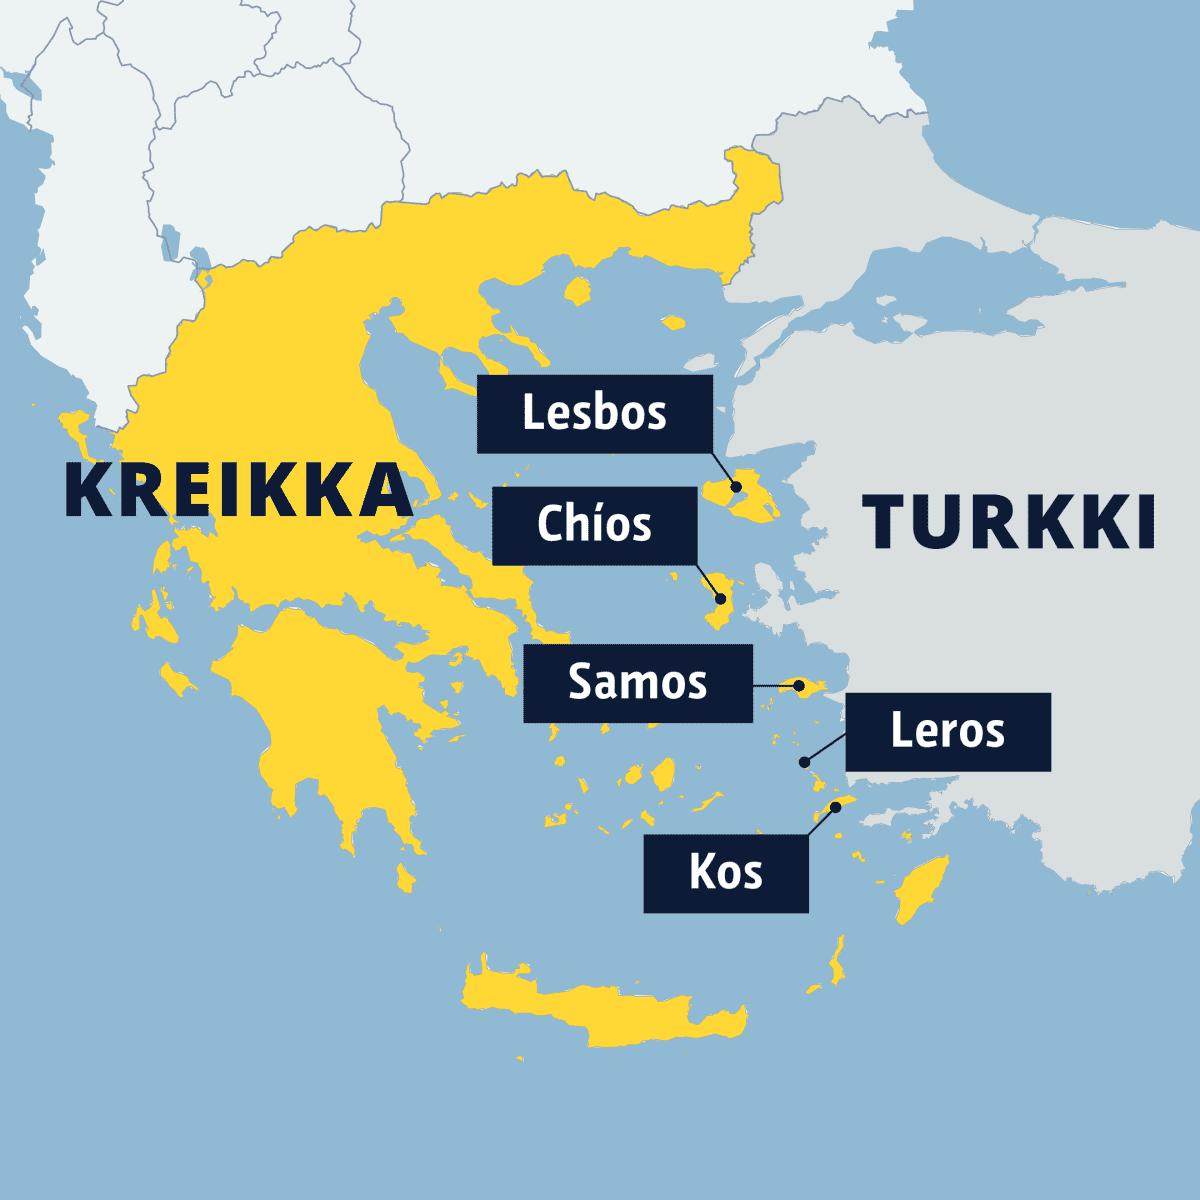 Turkin rannikon tuntumassa sijaitsevat Kreikan Lesbos-, Chíos-, Samos-, Leros- ja Kos-saaret kartalla.